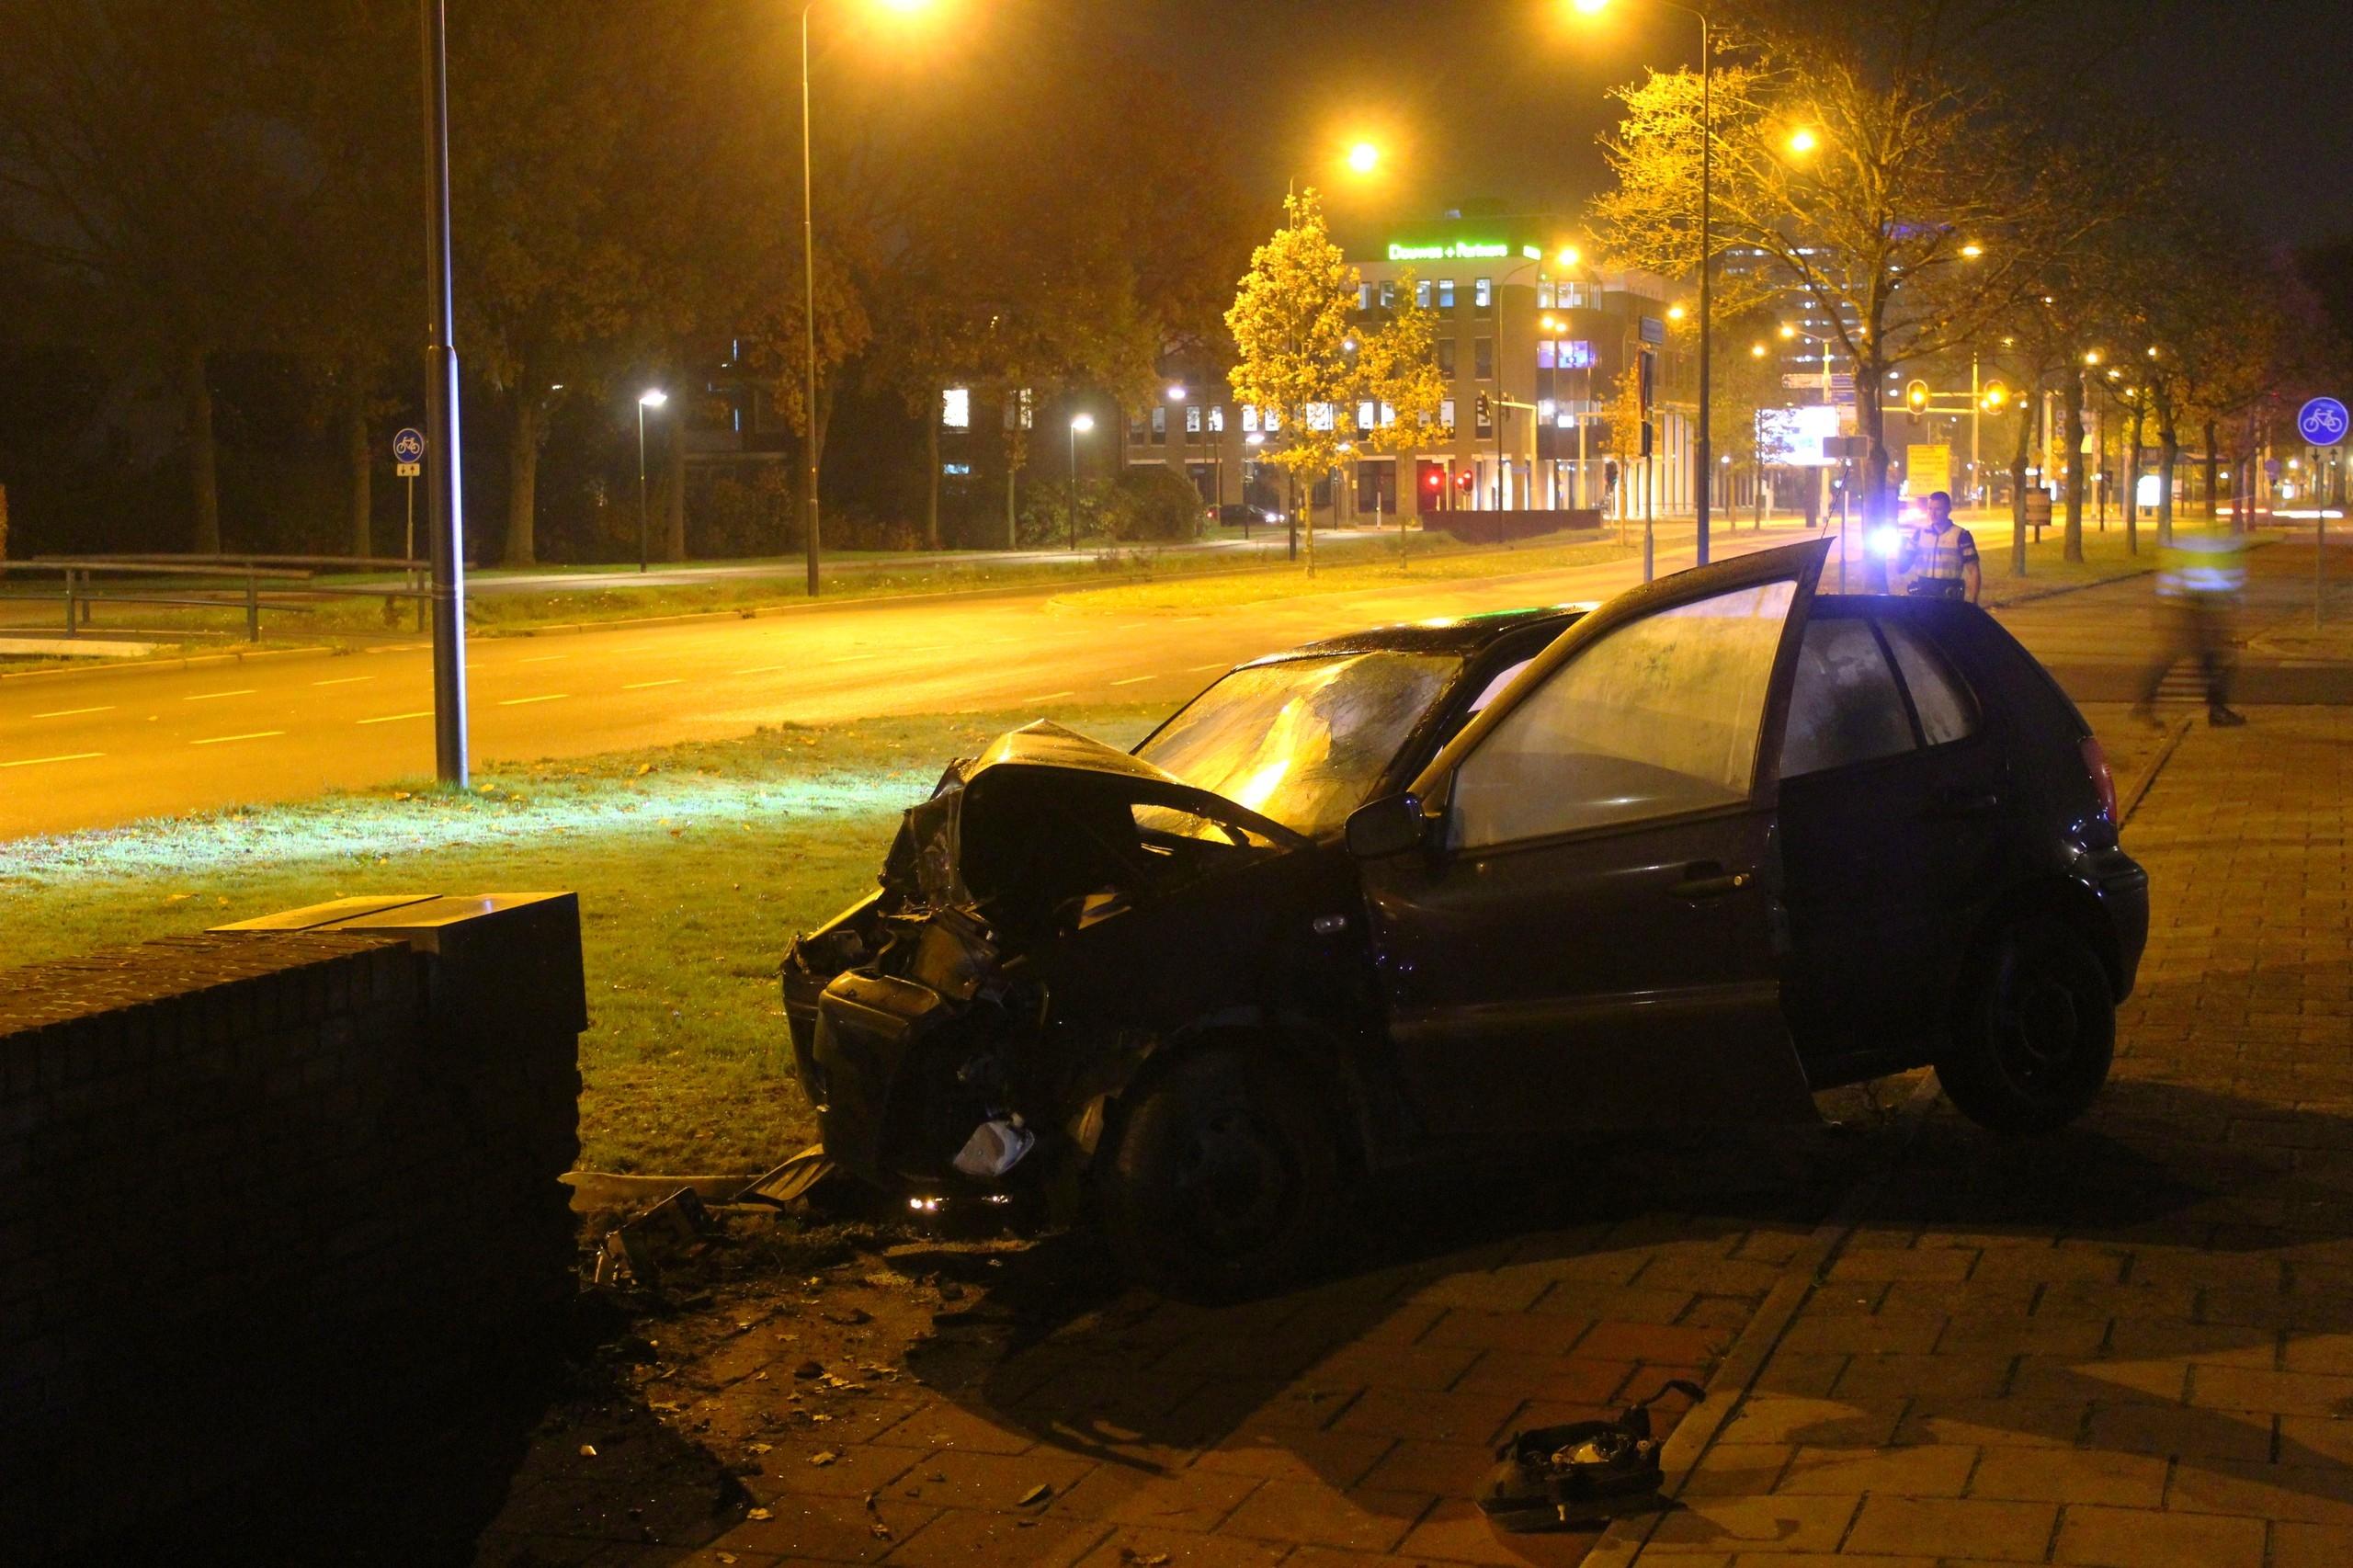 Ernstig gewond bij ongeval (update)